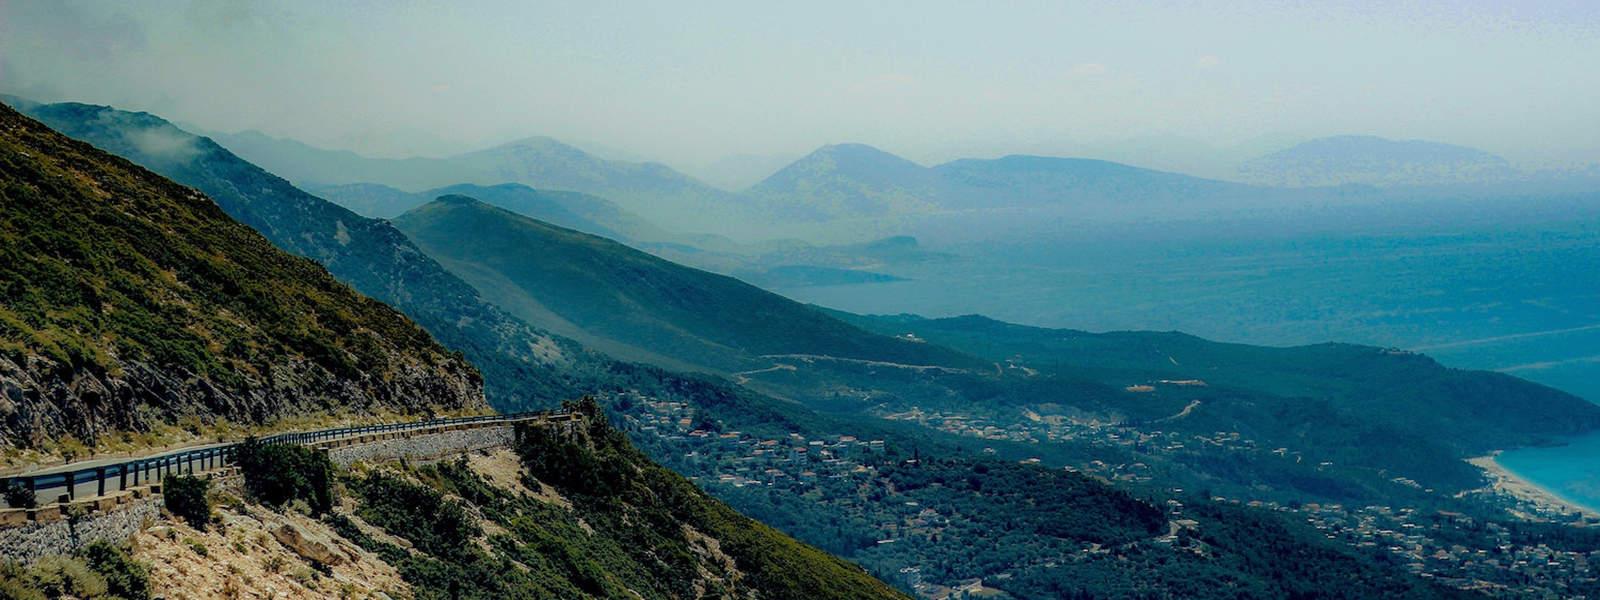 باكدج سياحي 7 أيام في ألبانيا لشخصين